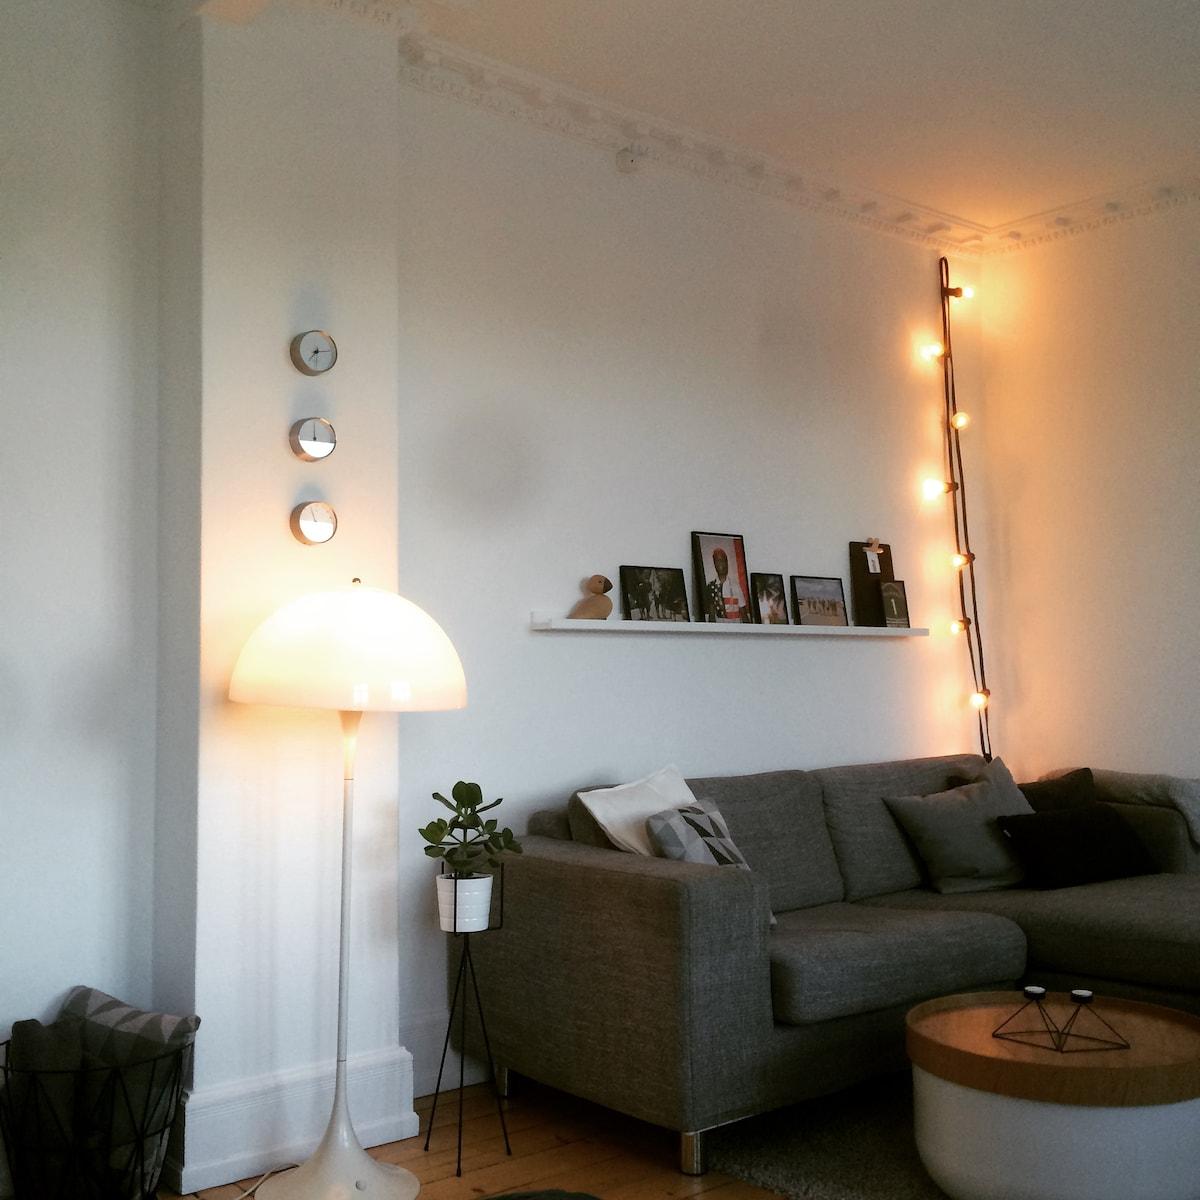 Apartment on lovely Frederikberg